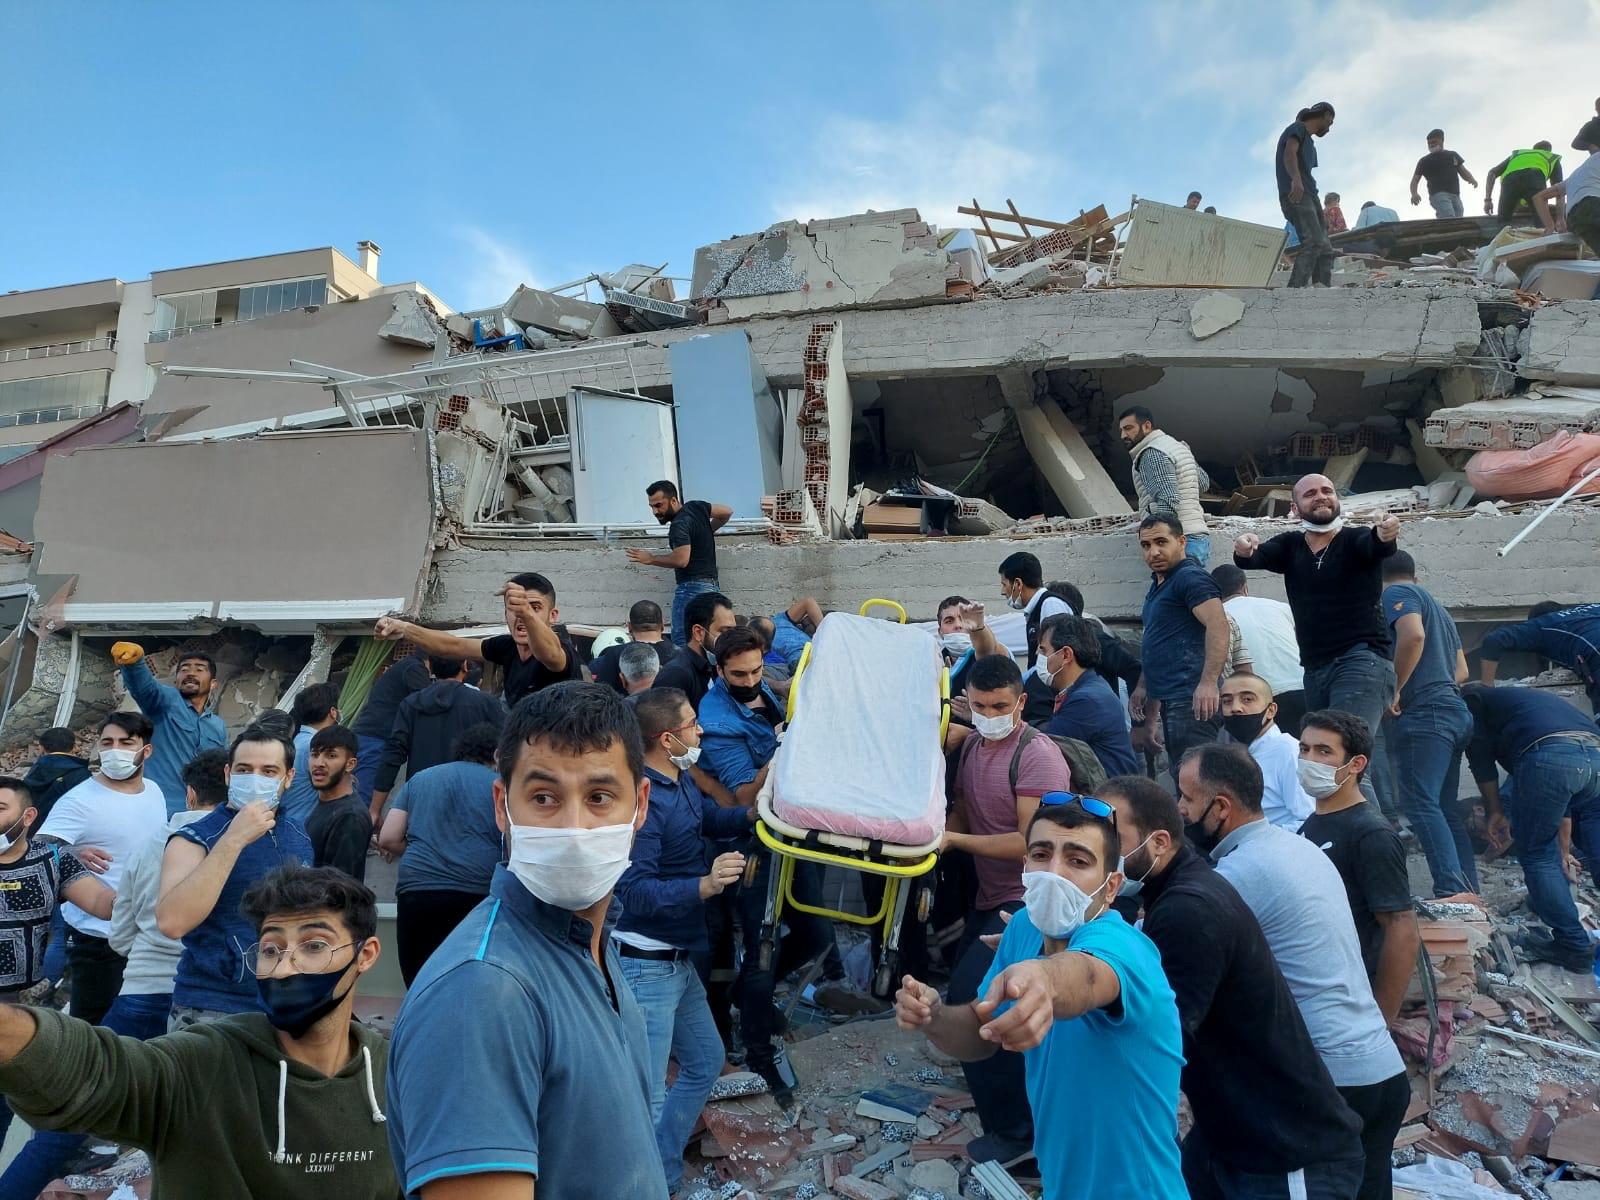 Σεισμός: Επικοινωνία Δένδια – Τσαβούσογλου – Έτοιμη η Ελλάδα για αποστολή βοήθειας στη Σμύρνη